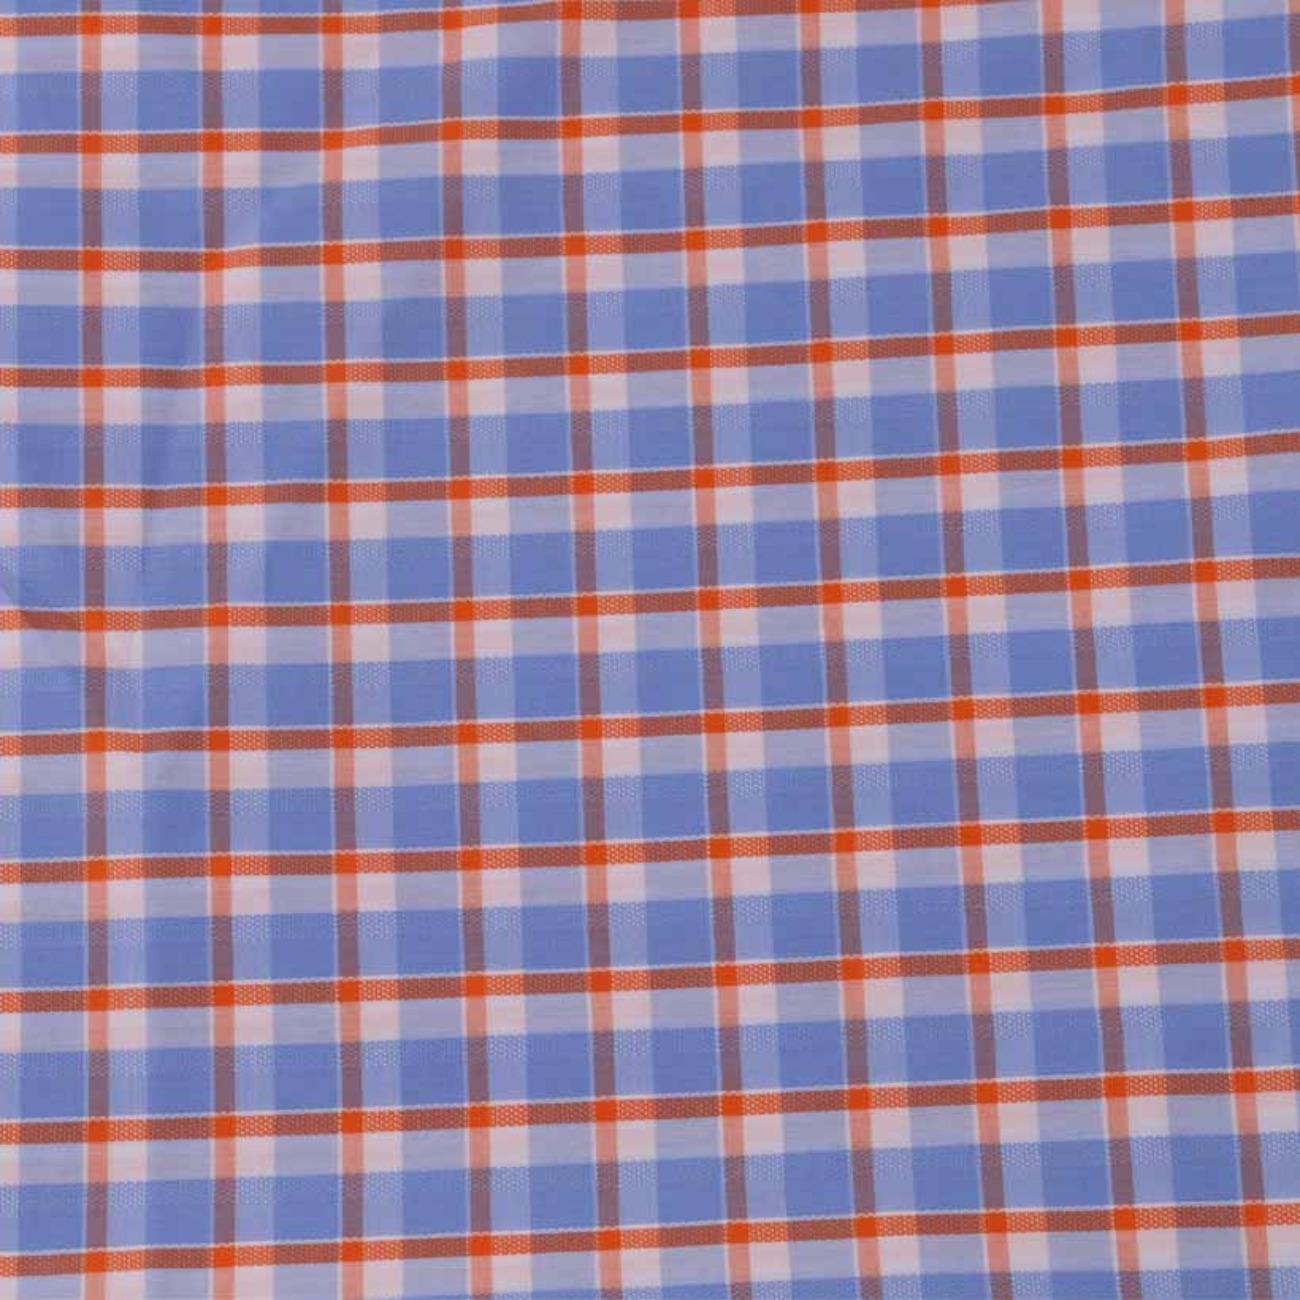 现货格子梭织色织提花低弹休闲时尚风格 衬衫 连衣裙 短裙 棉感 60929-42